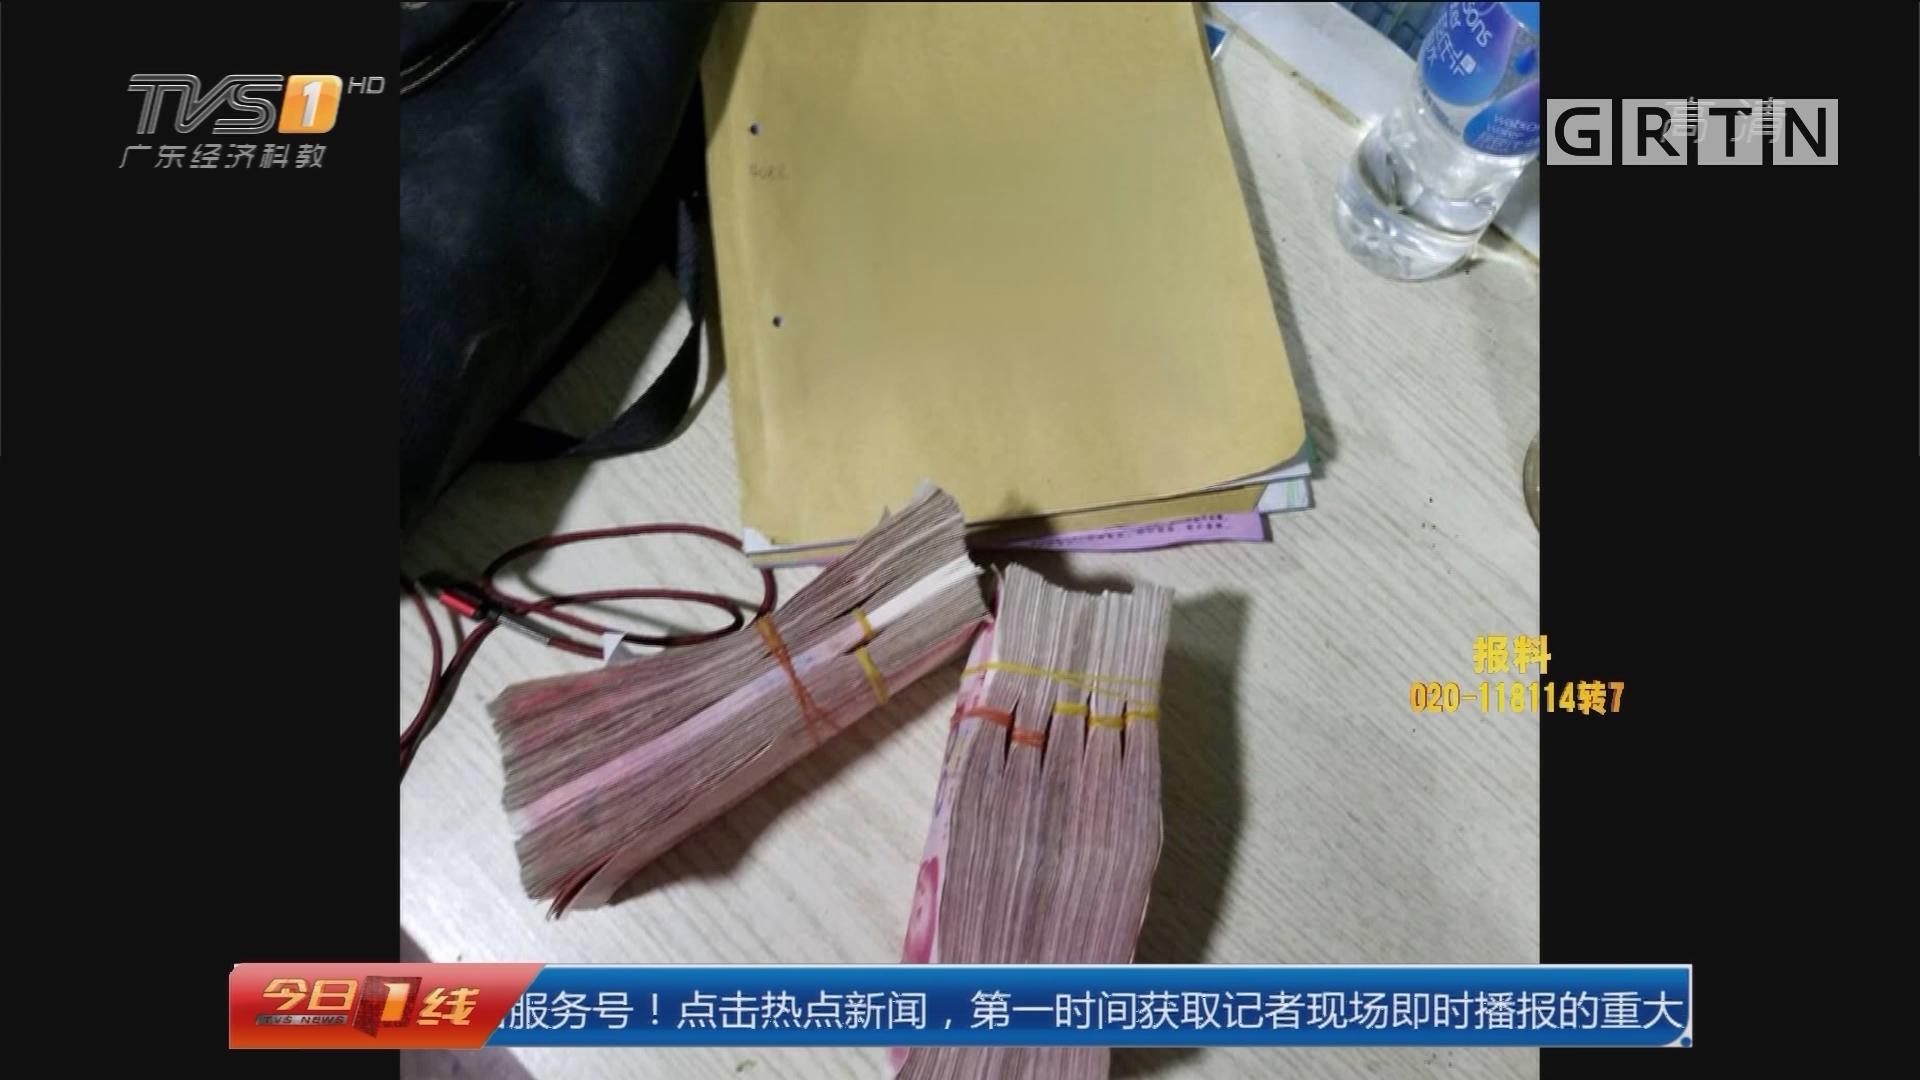 广州:客商丢8万现金 机场安保帮找回